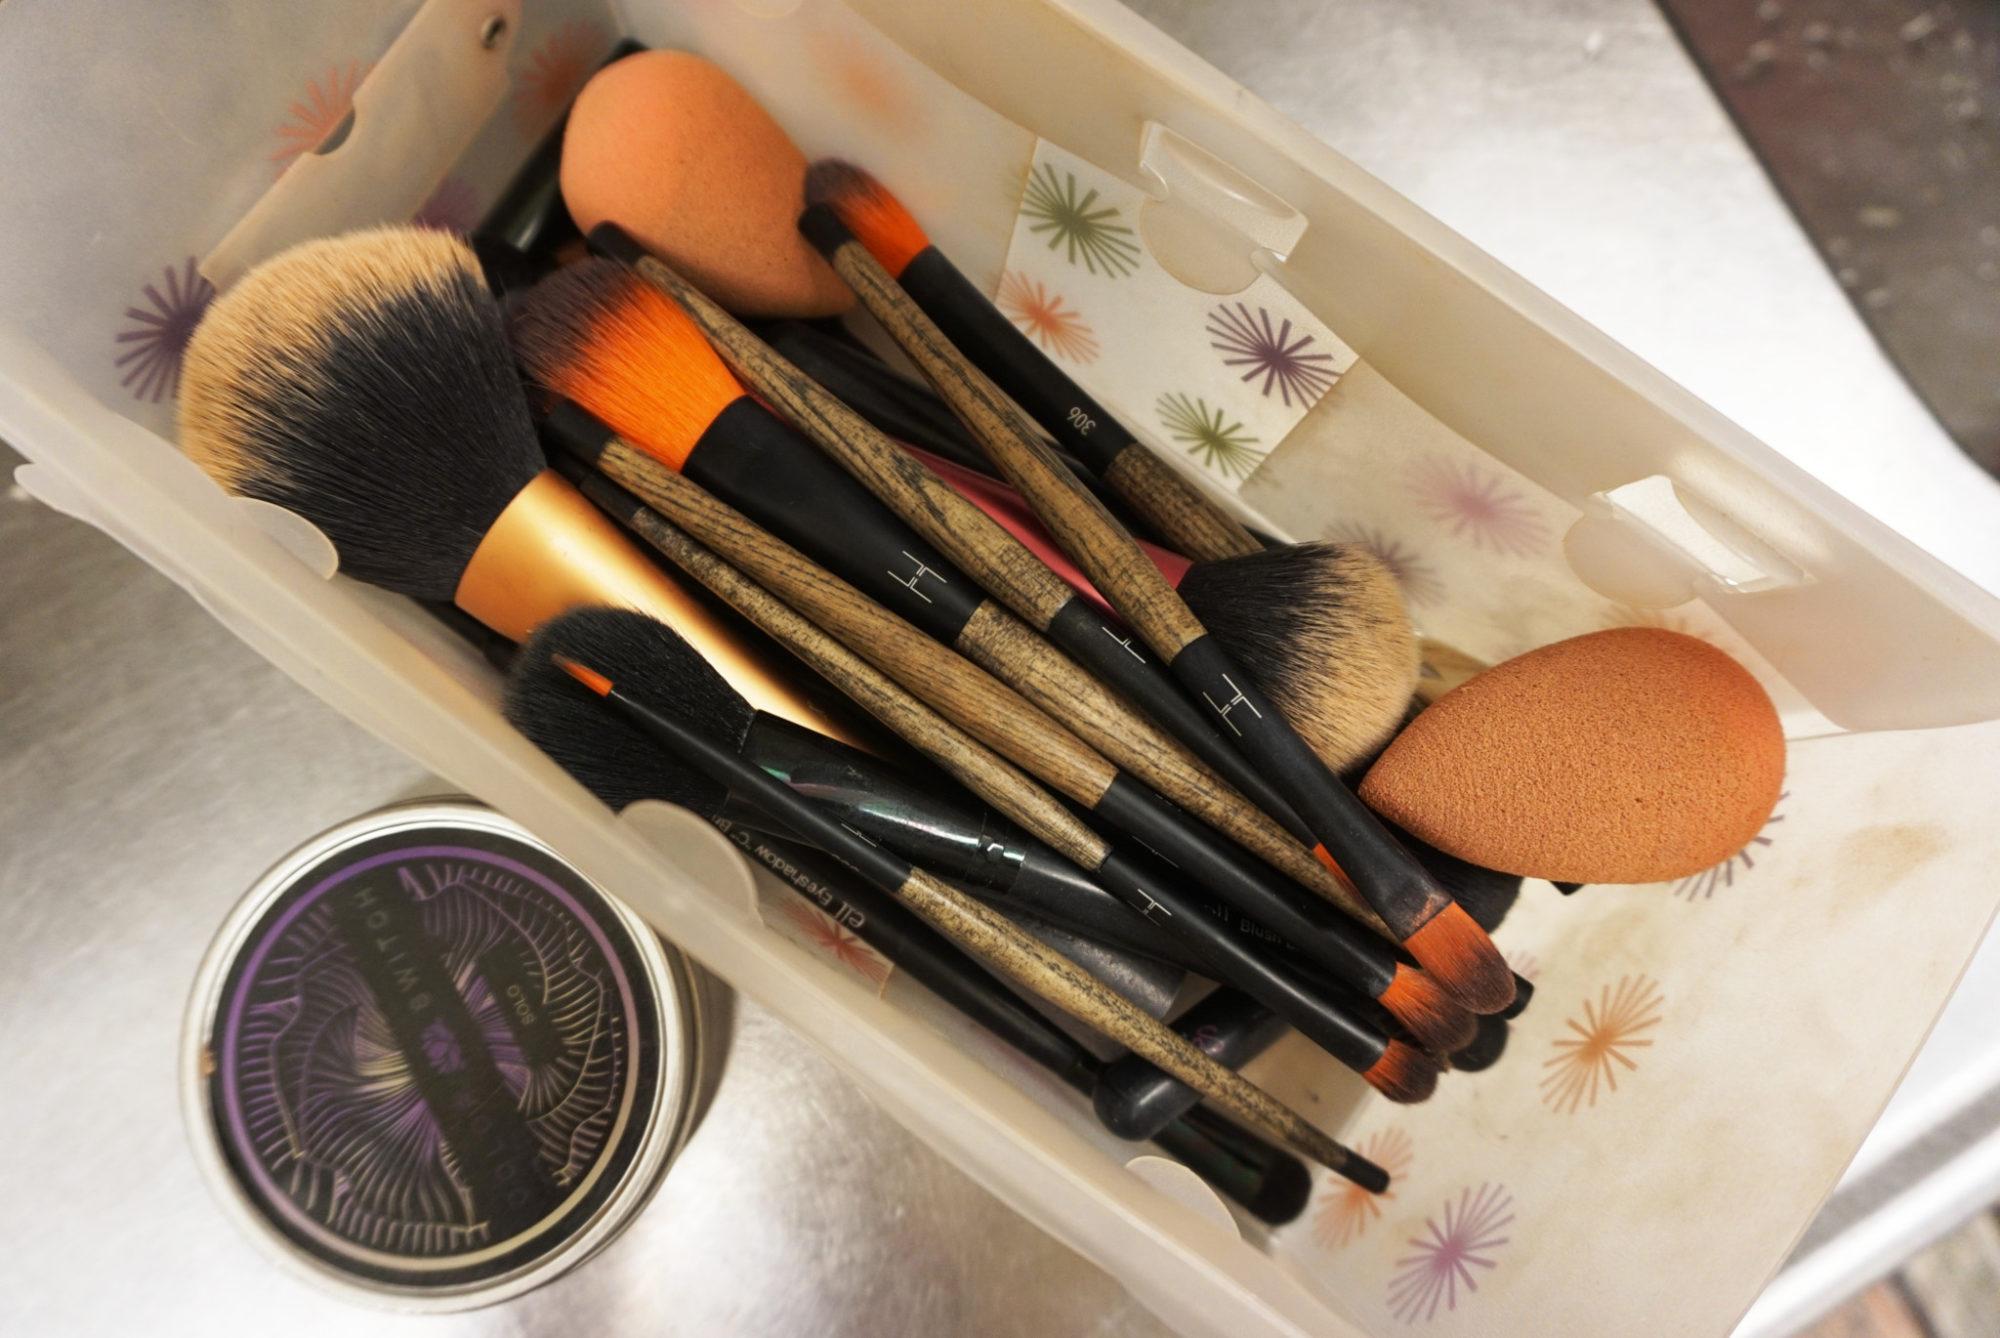 Det här med att tvätta sina sminkborstar... - Daisy Beauty 794183fcd9141